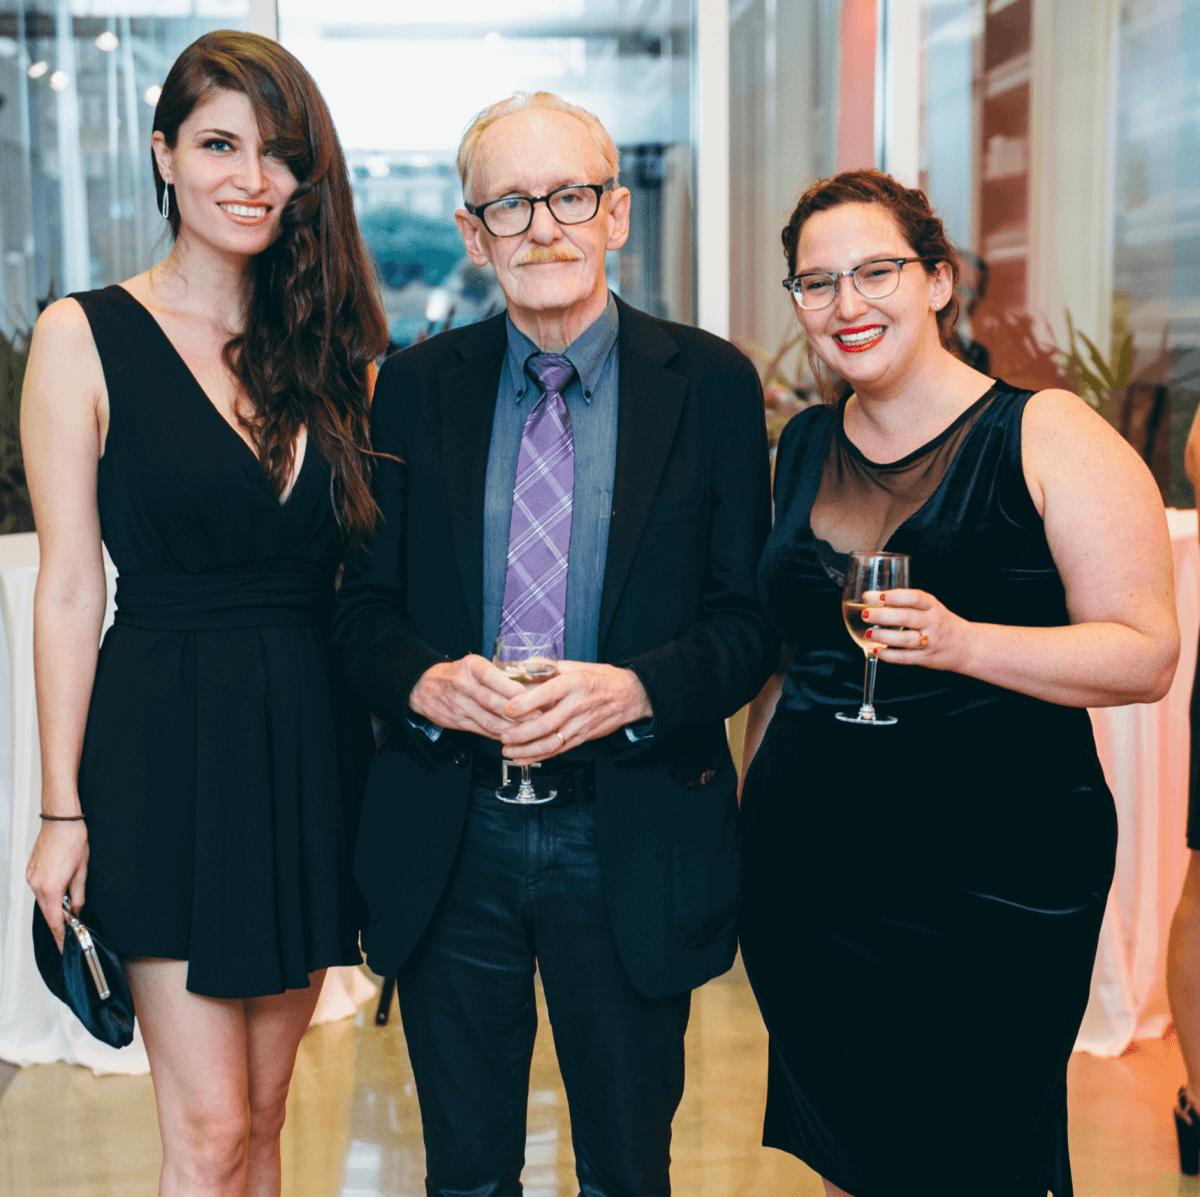 Gulf Coast Journal gala, Luisa Muradyan Tannahill, Peter Schjeldahl, Erika Jo Brown